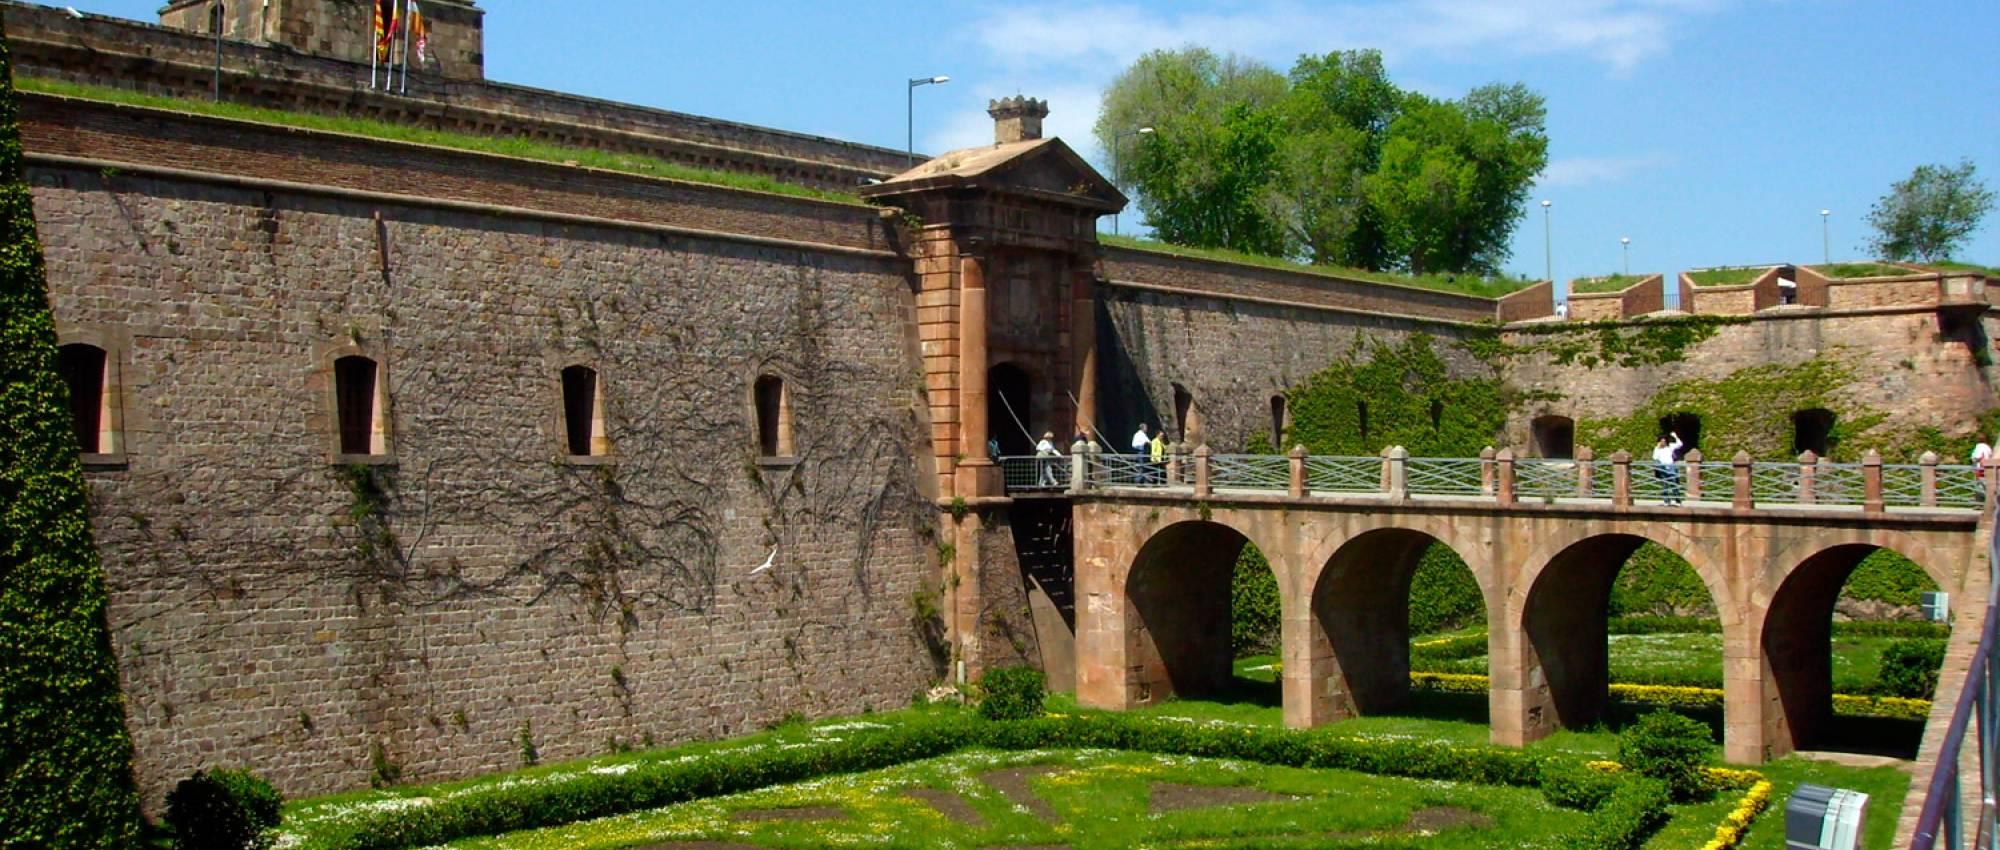 Entrance Moat of Castle of Montjuïc. Public Domain